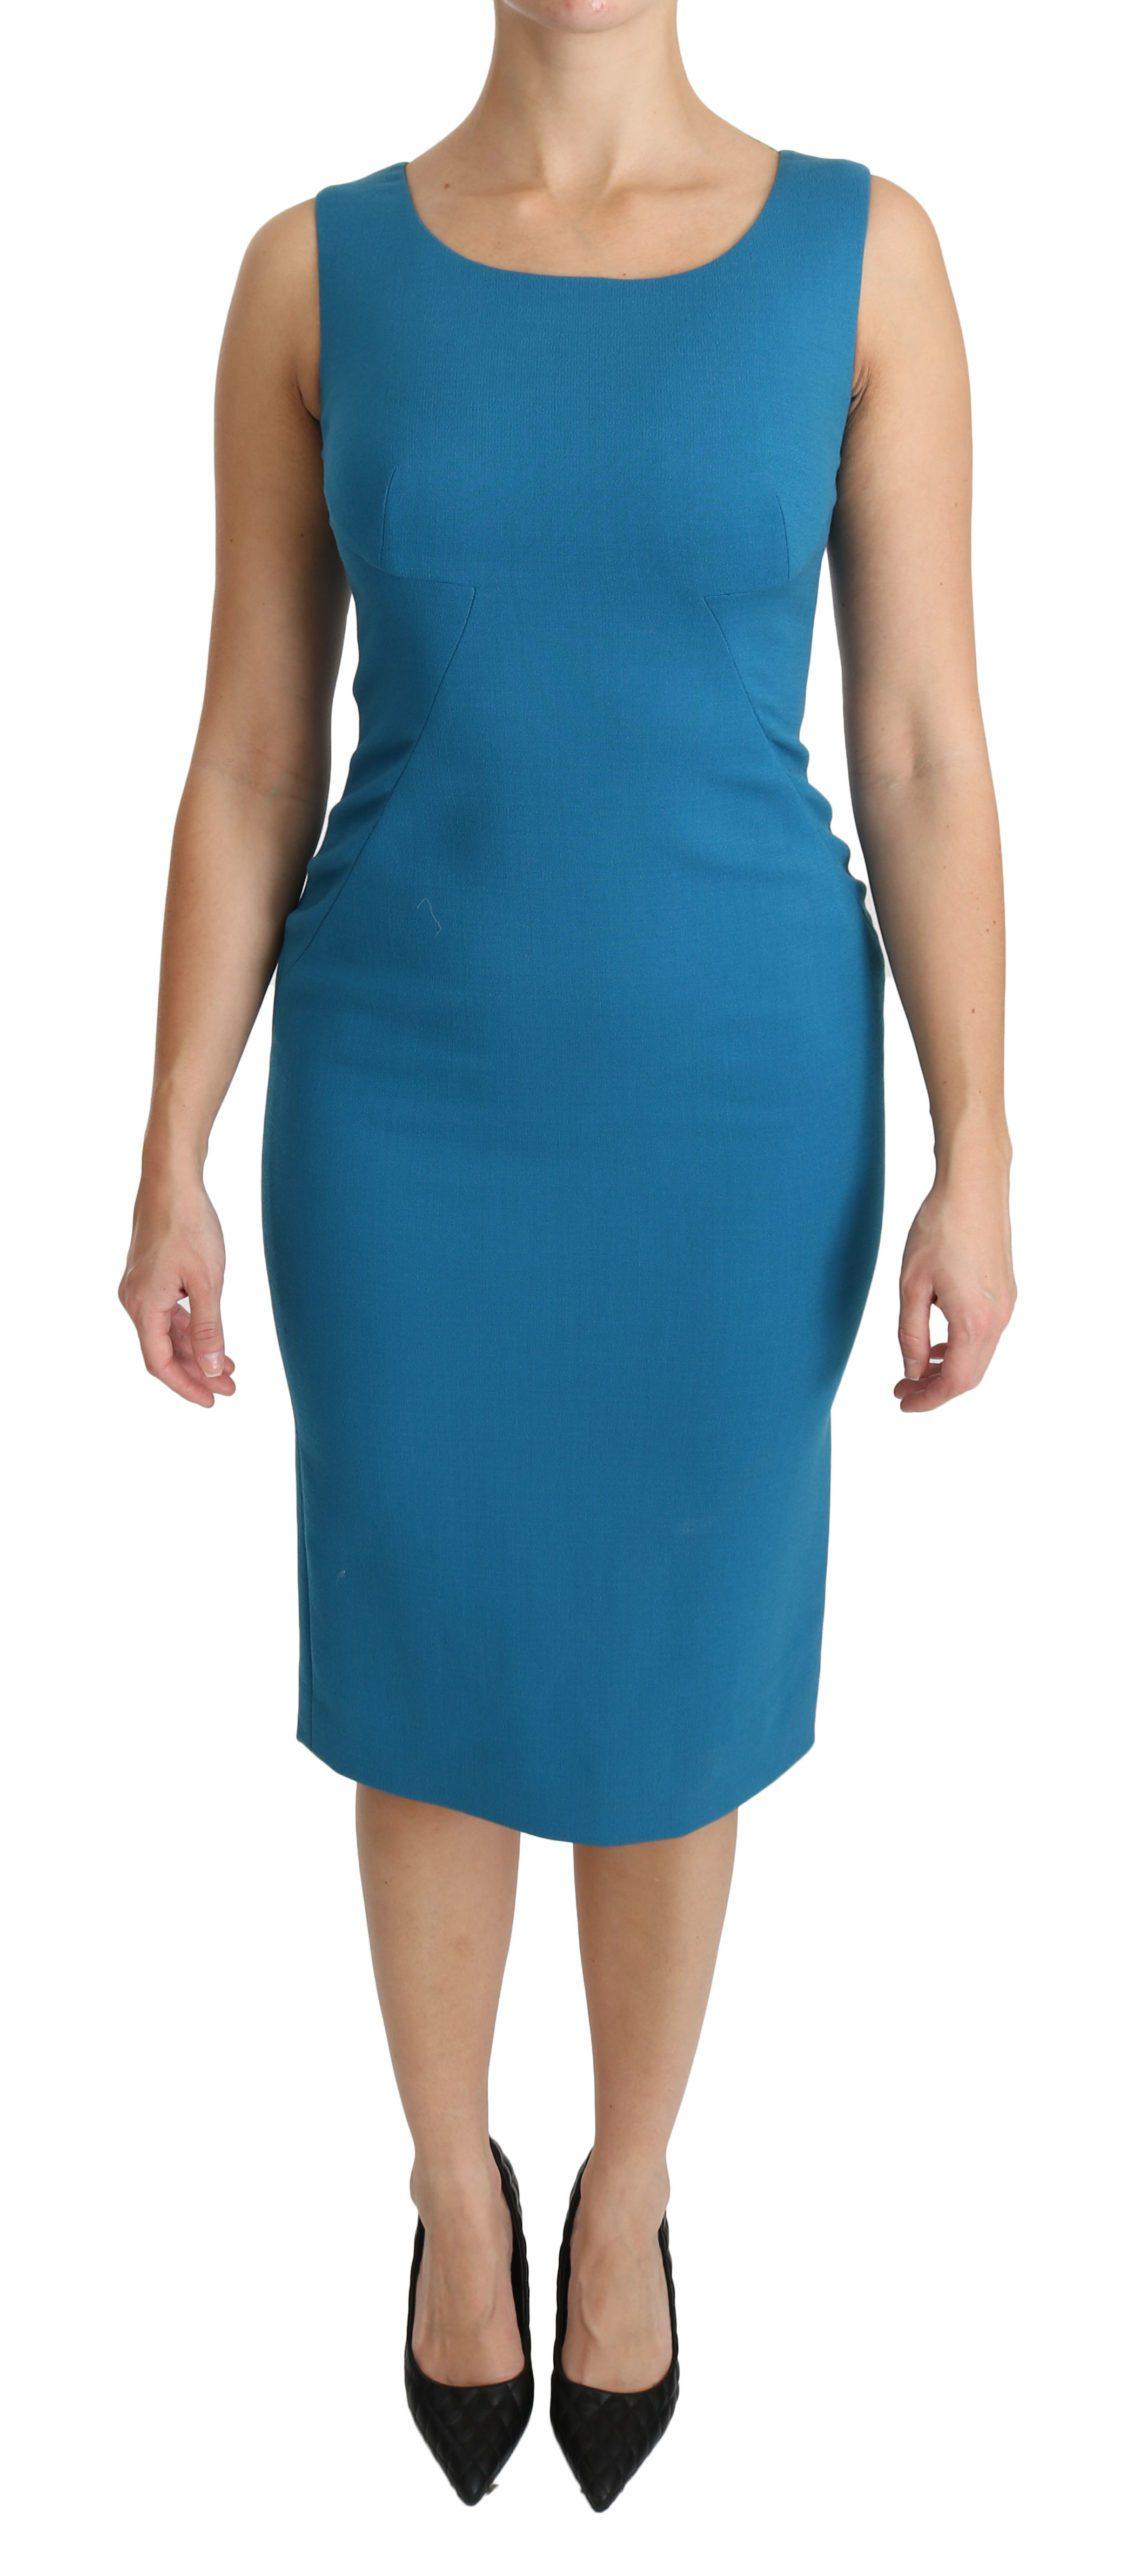 Dolce & Gabbana Women's Sheath Knee Length Wool Dress Blue DR2161 - IT36 XXS